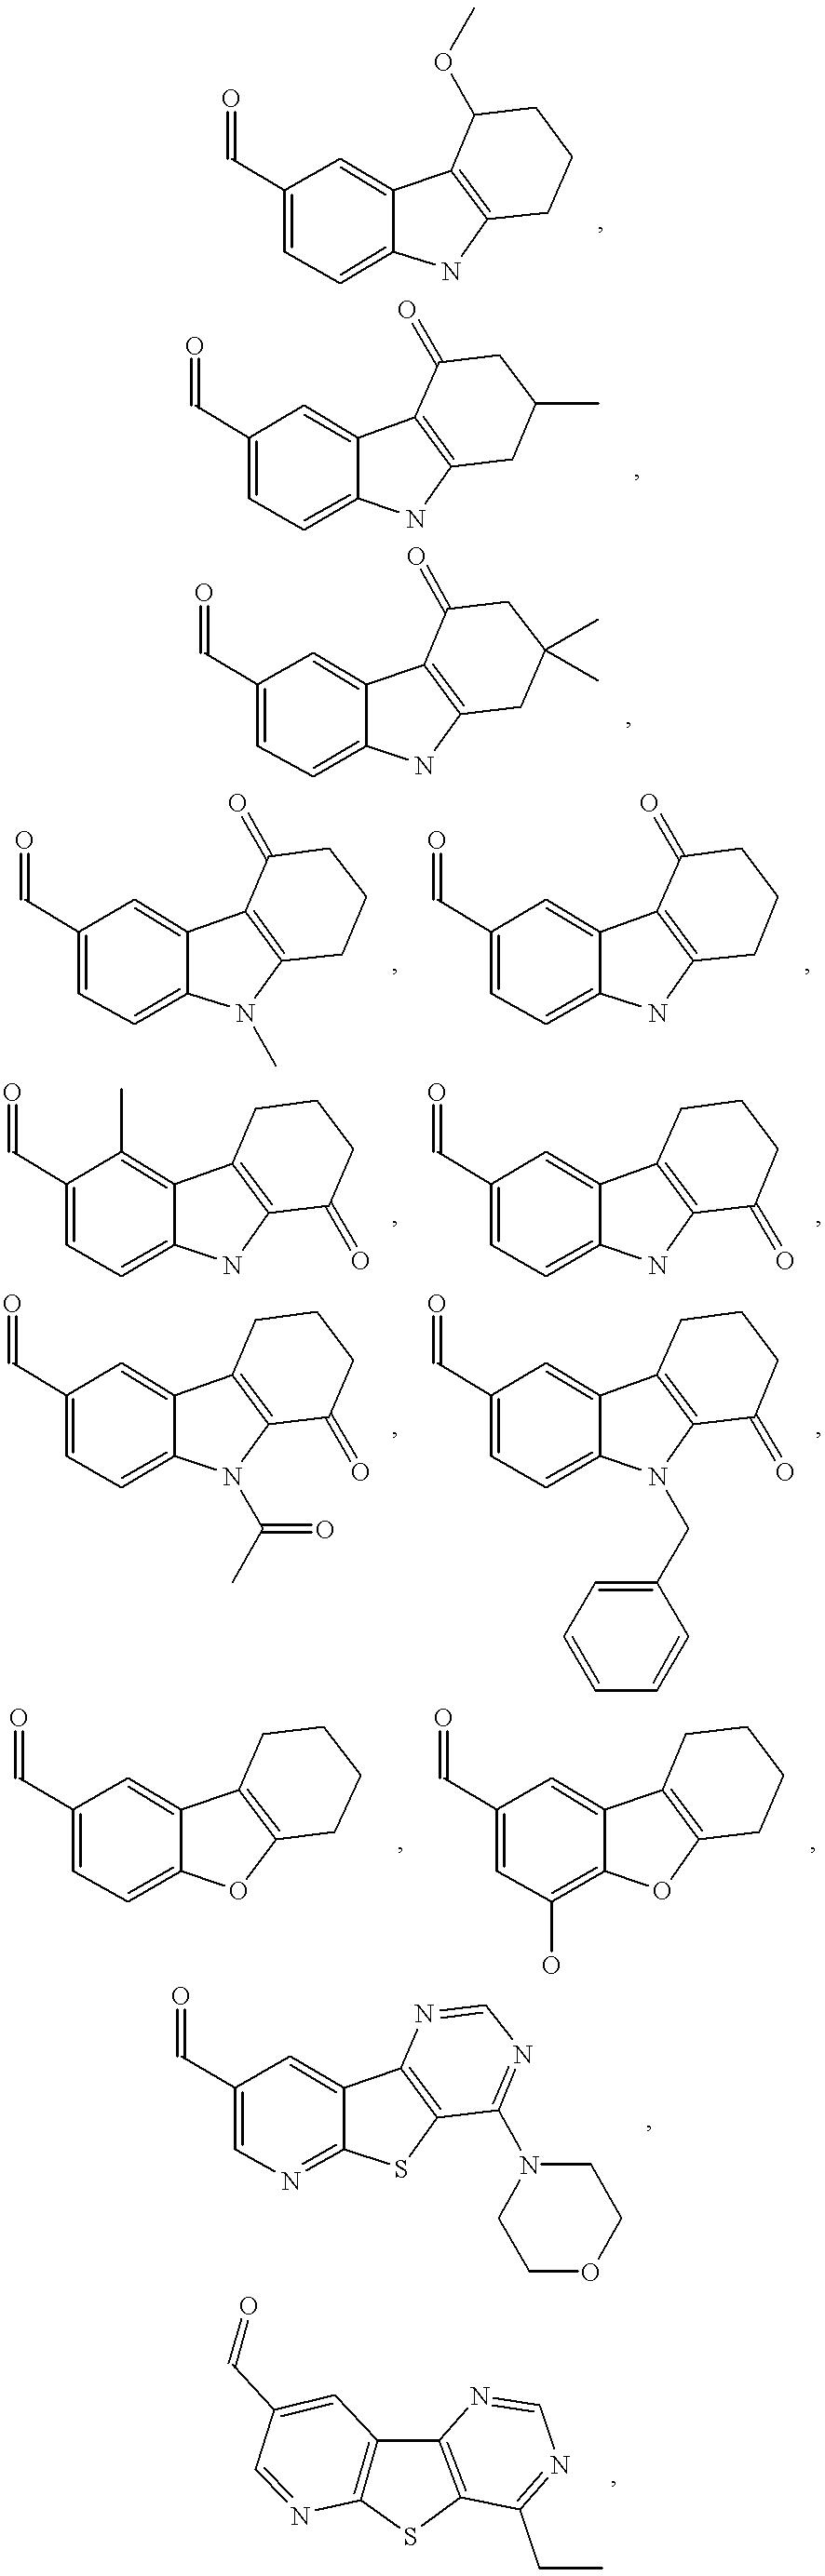 Figure US06514981-20030204-C00065